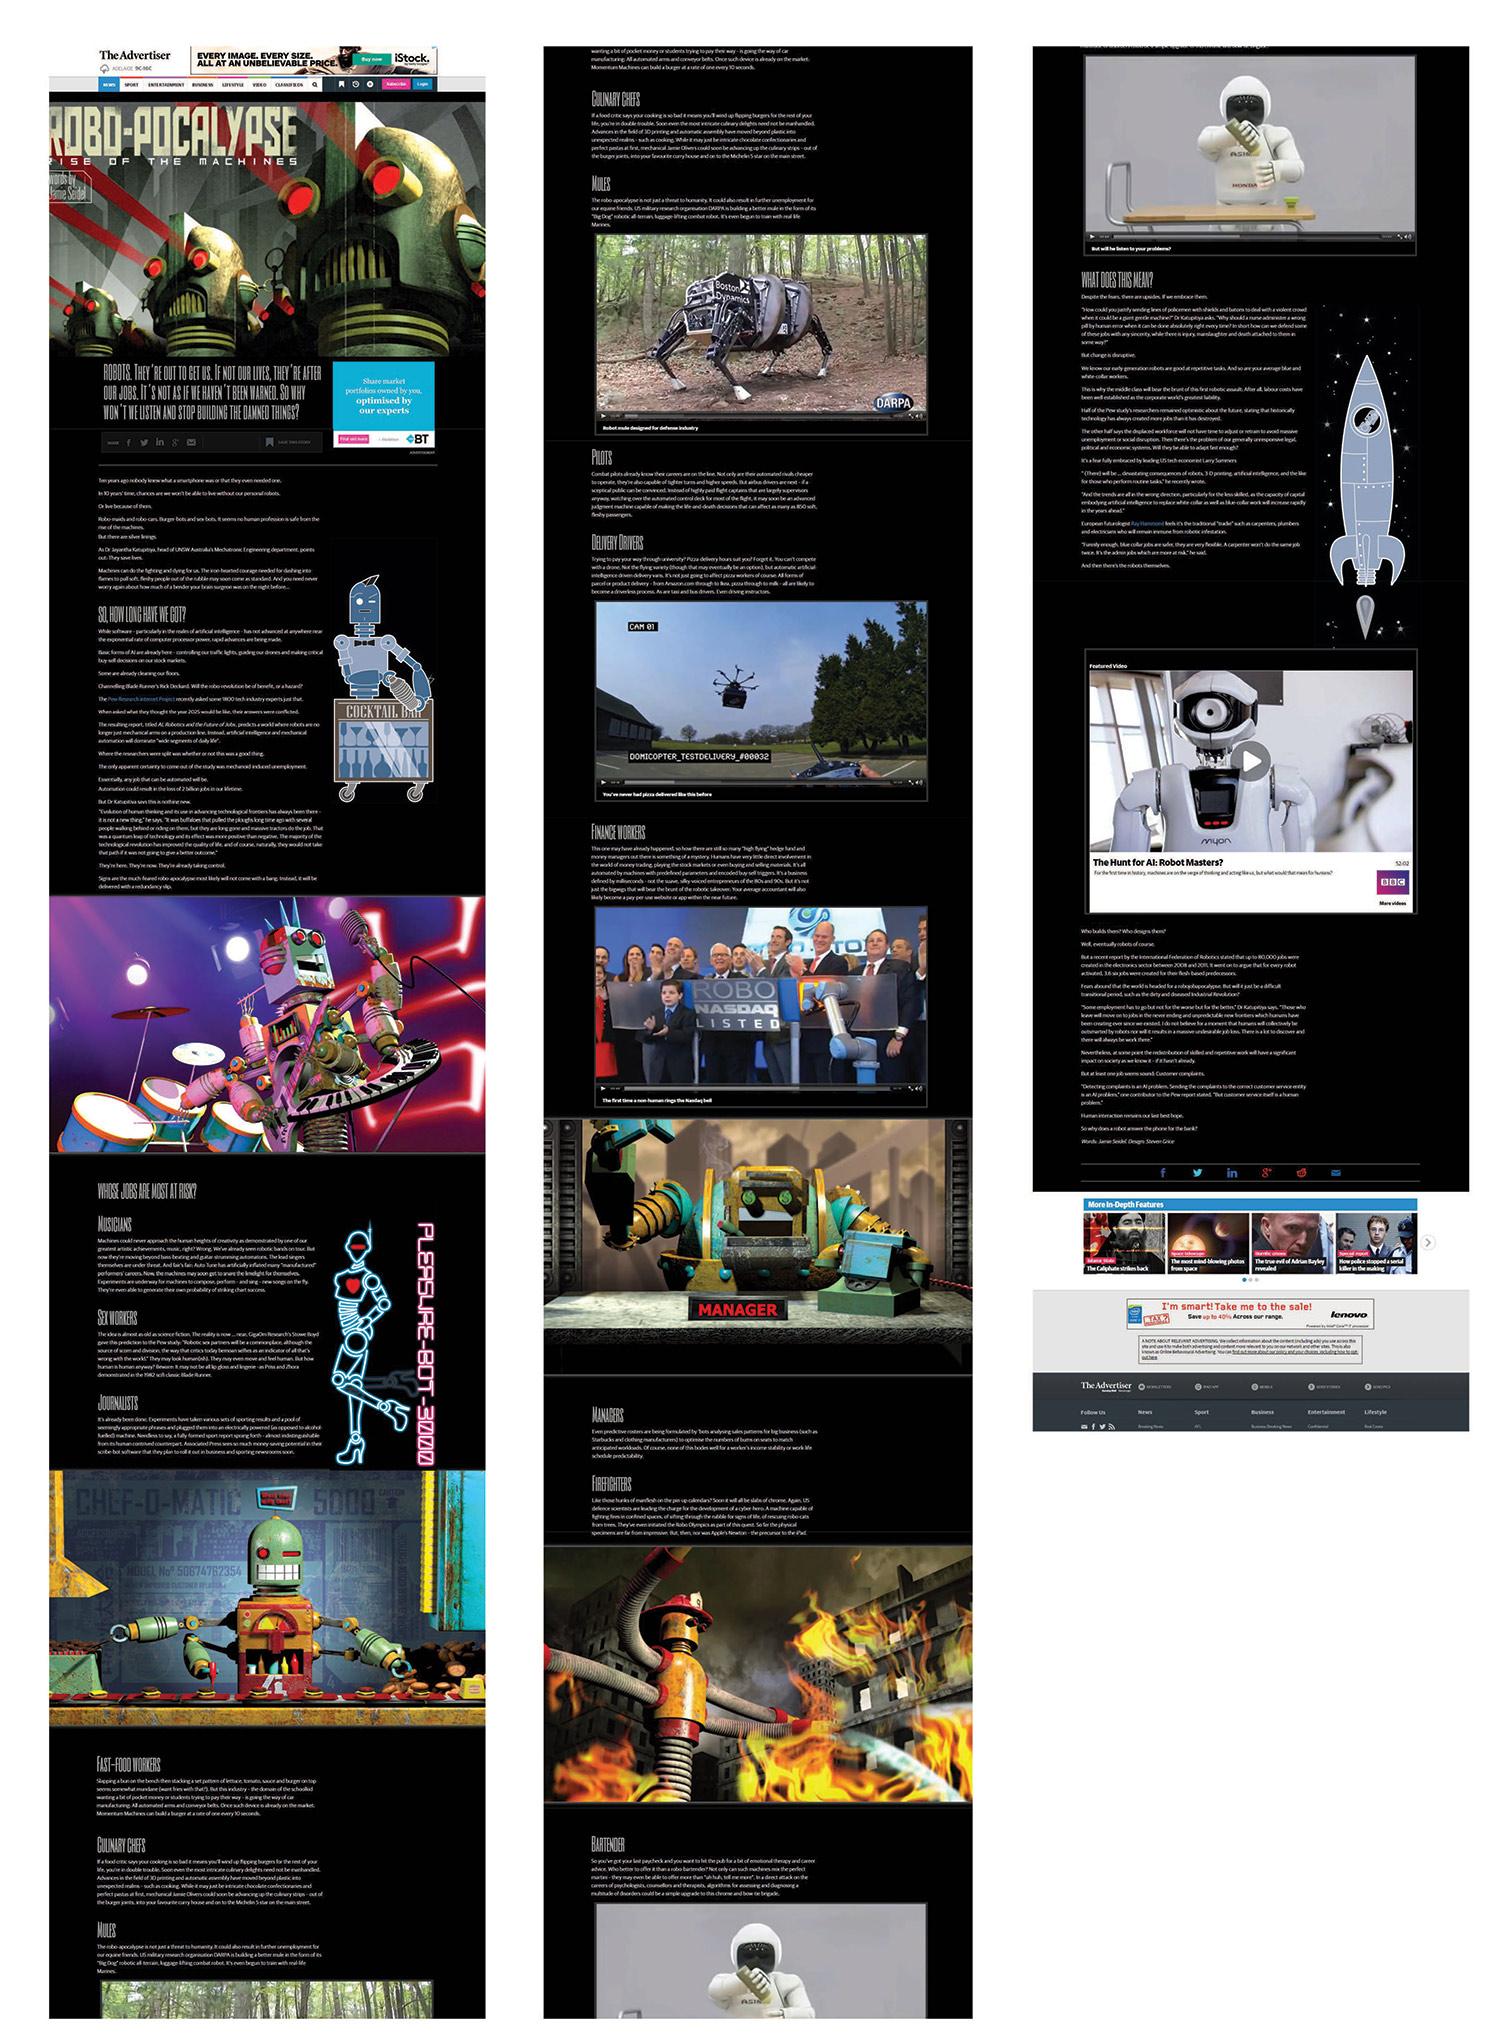 bestgraphics15